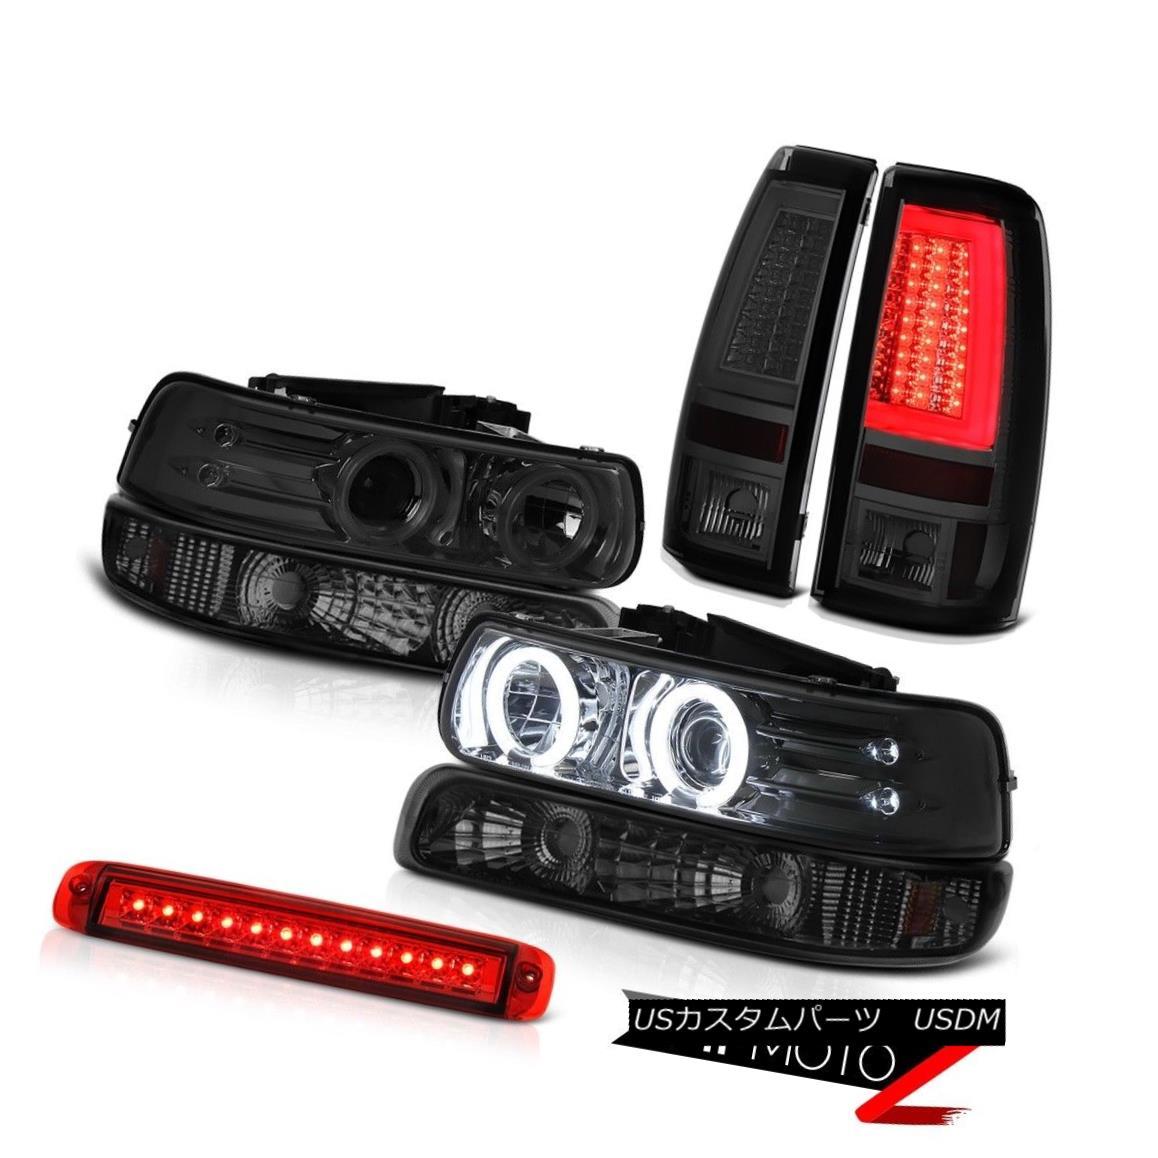 テールライト 99 00 01 02 Silverado Z71 Tail Lights 3rd Brake Lamp Bumper Headlamps OLED Prism 99 00 01 02 Silverado Z71テールライト第3ブレーキランプバンパーヘッドランプOLEDプリズム